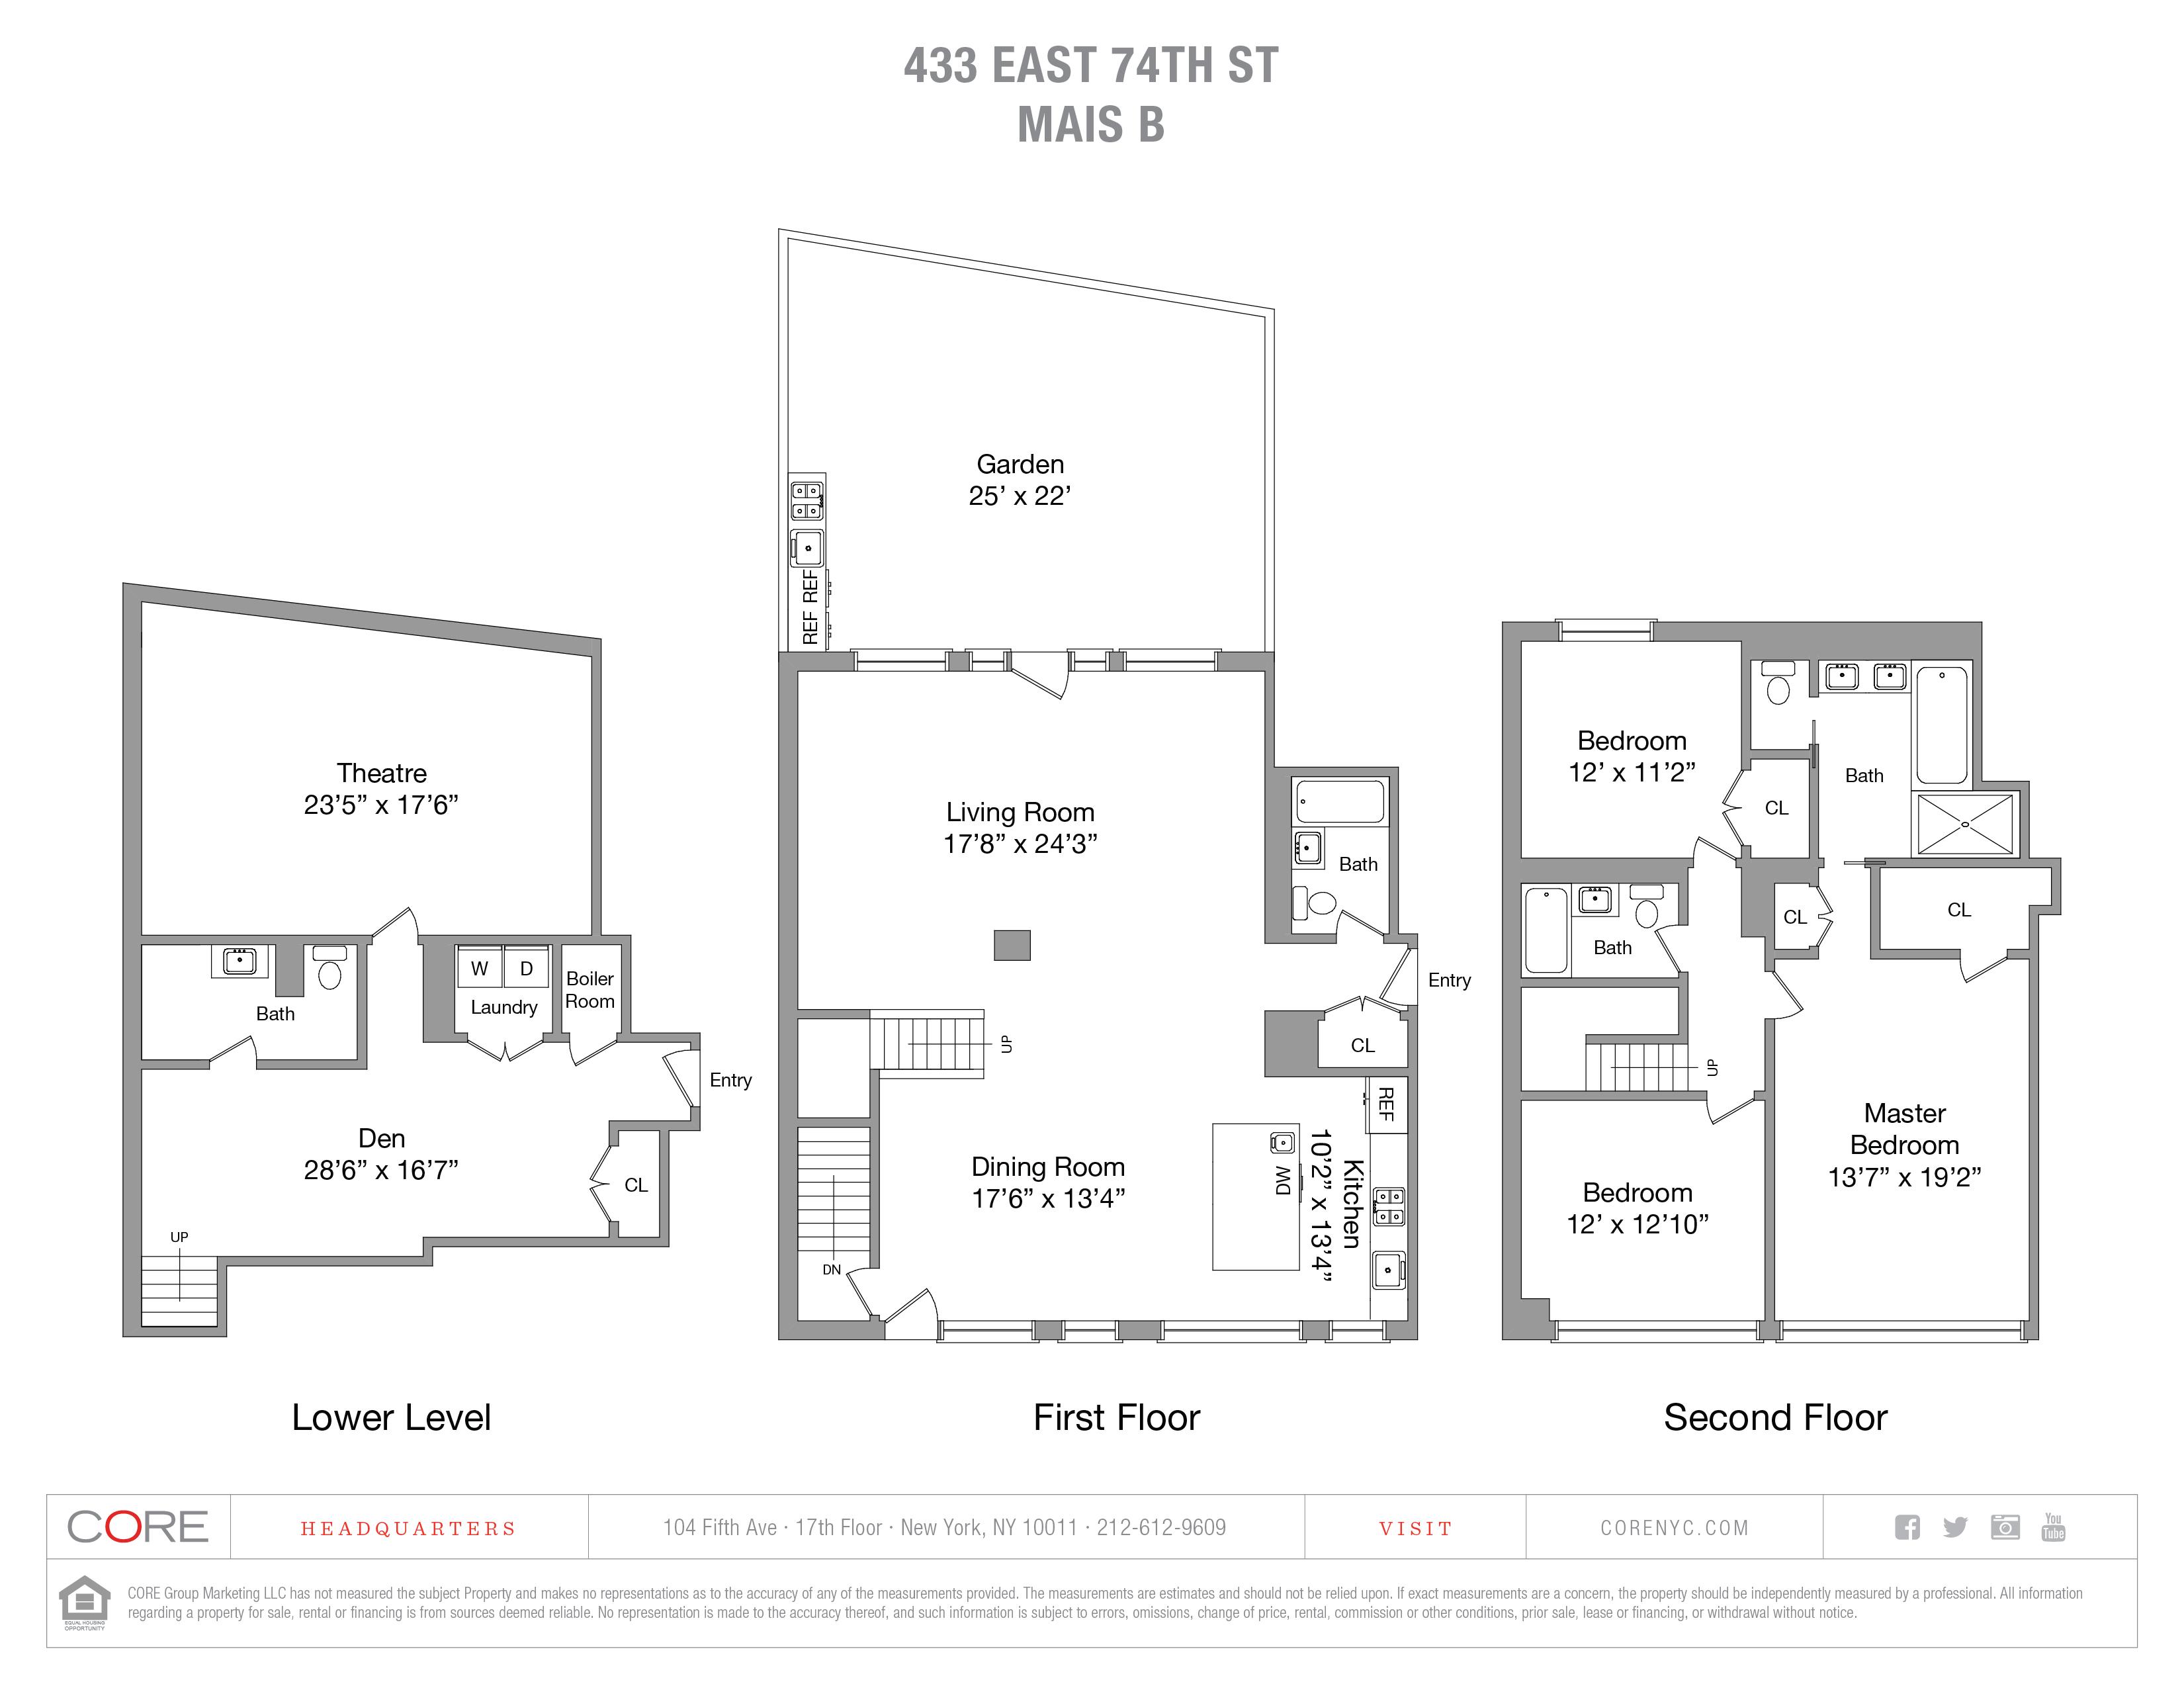 433 East 74th St. MaisB, New York, NY 10021